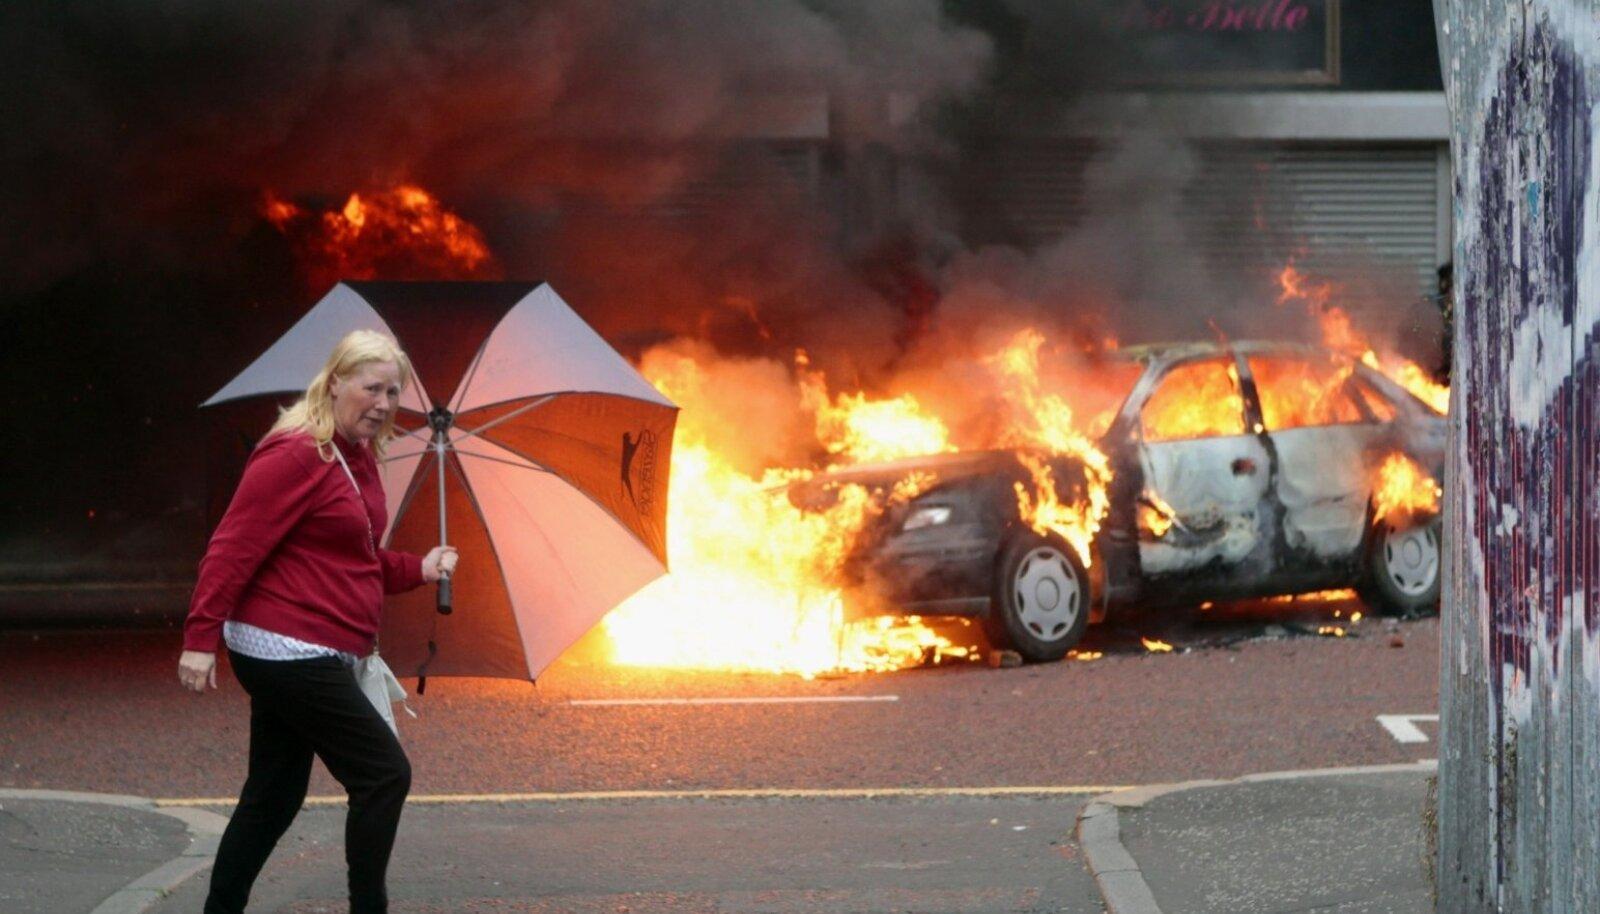 Rahutusi puhkeb Põhja-Iirimaal seniajani sageli. Kardetakse, et nn karm Brexit võib olukorda halvendada.